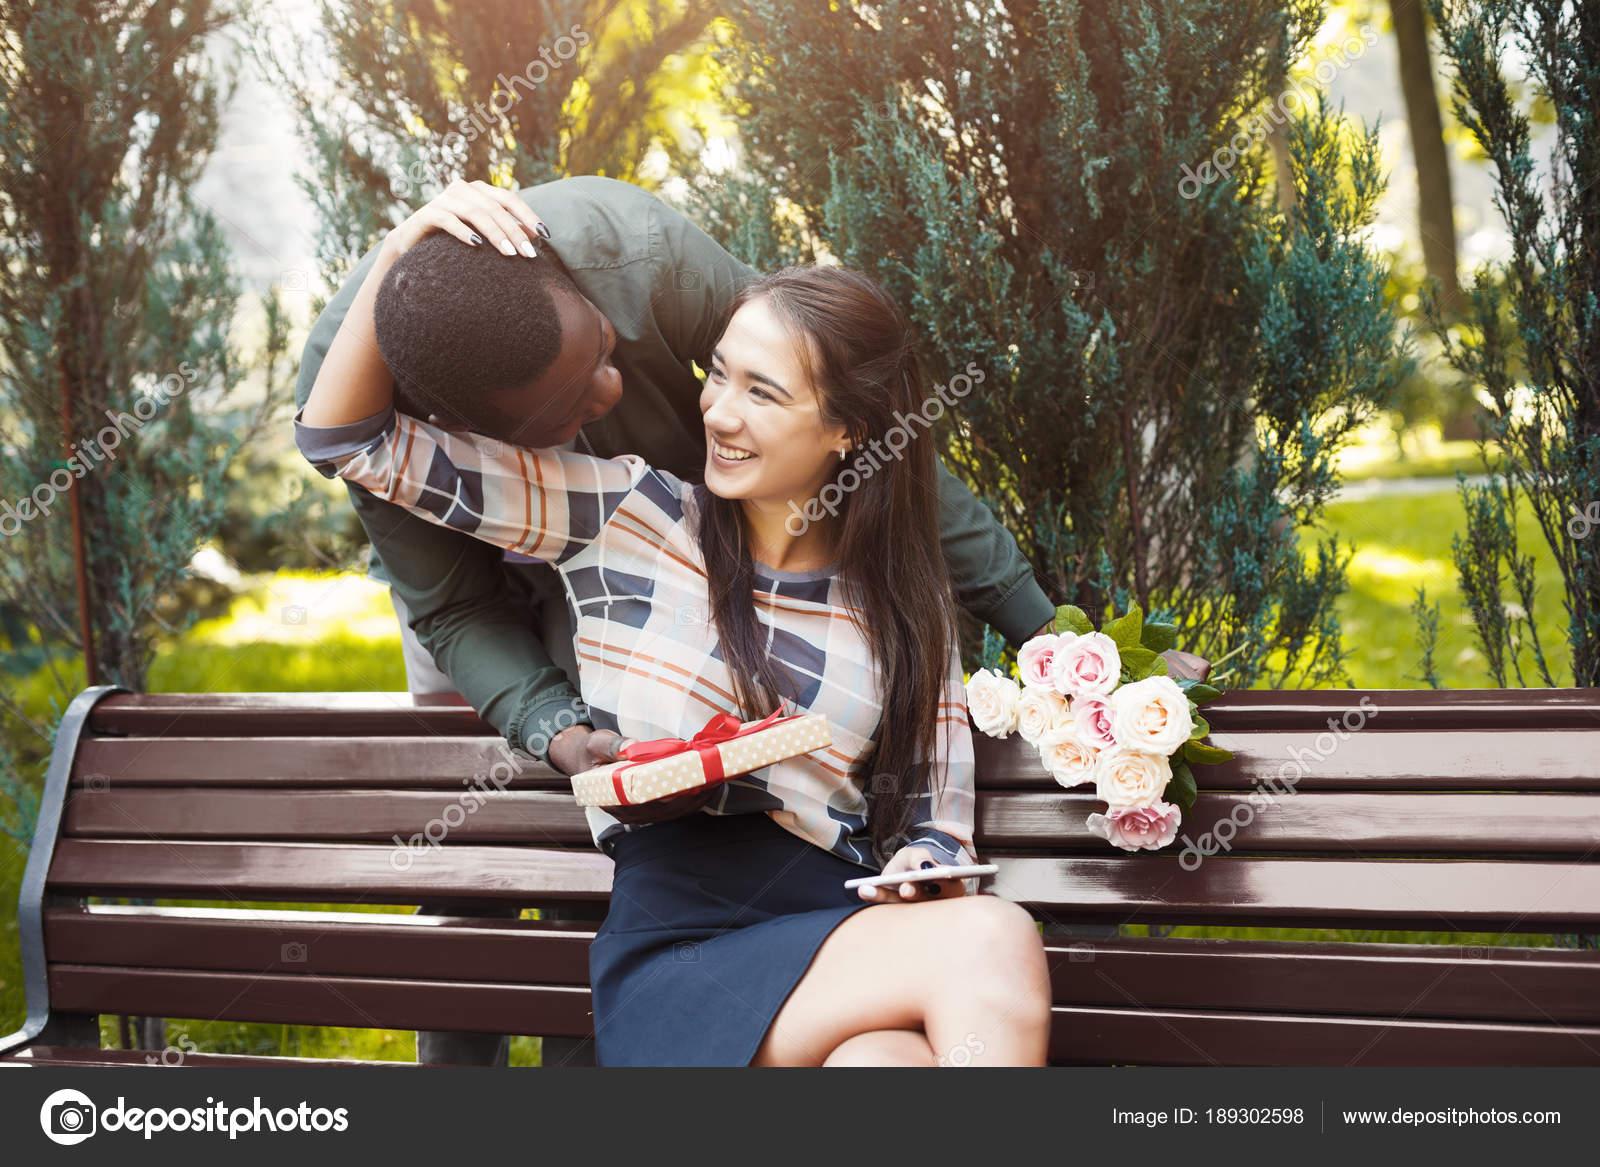 ραντεβού δίνοντας λουλούδια εβραϊκές ιστοσελίδες που χρονολογούνται